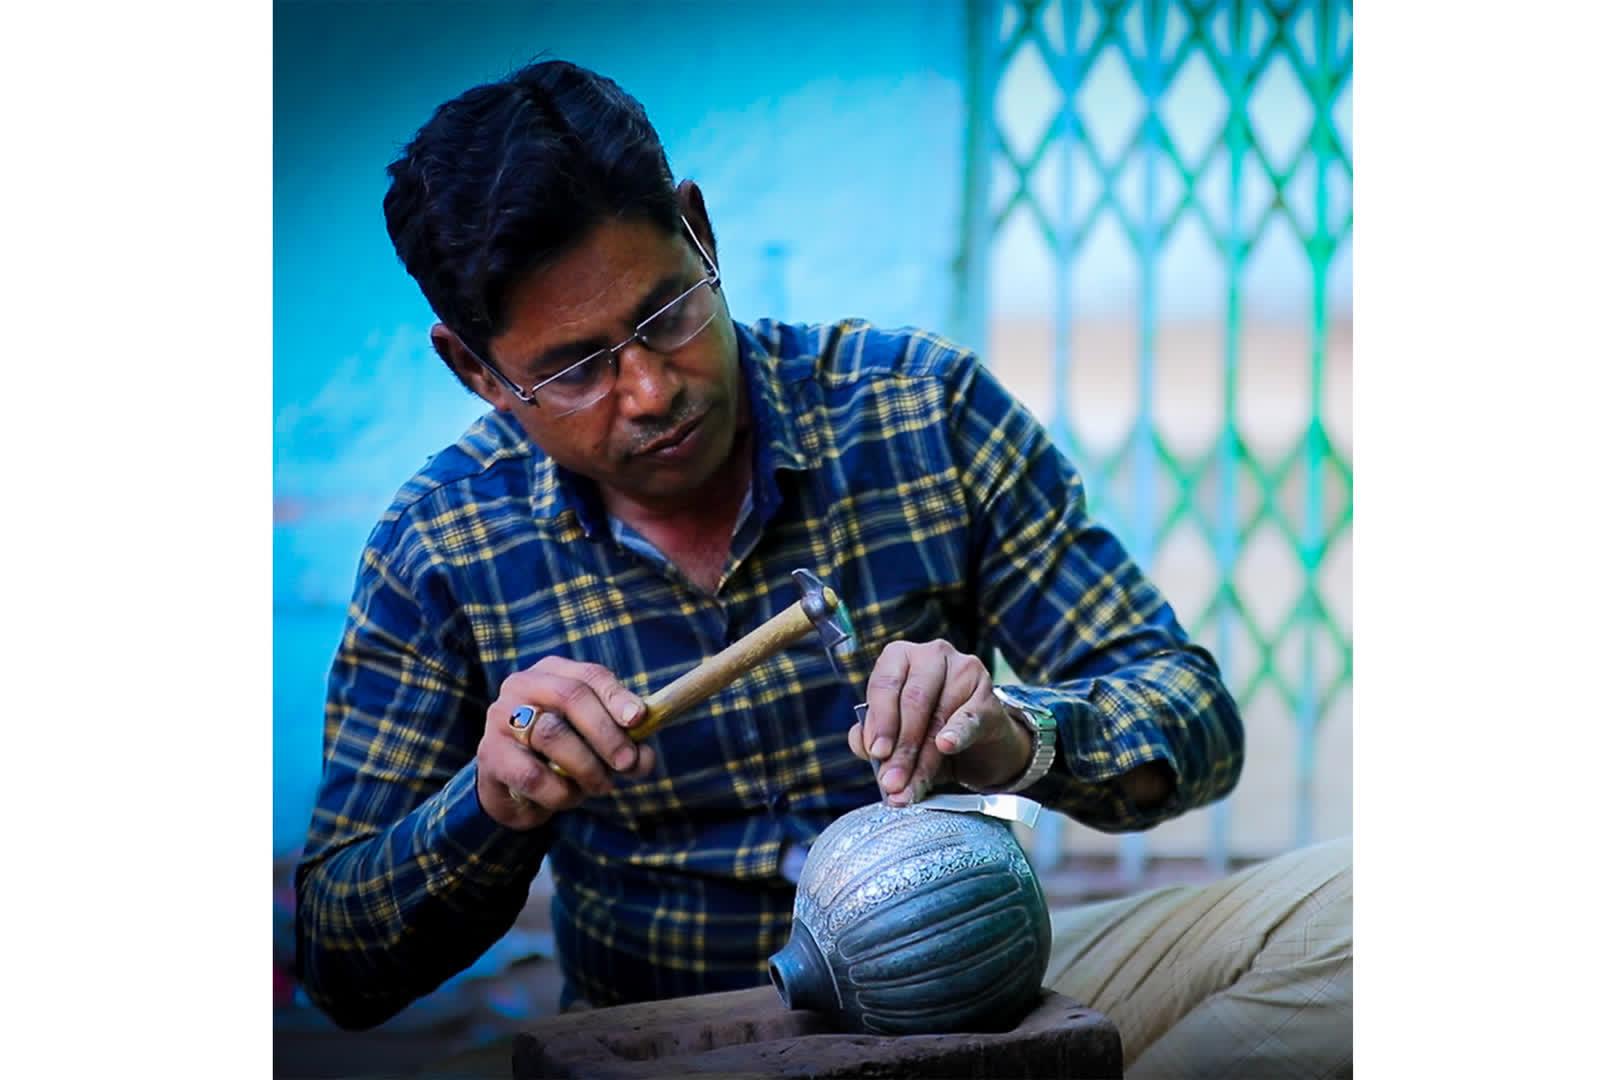 Mohammad Shafiuddin